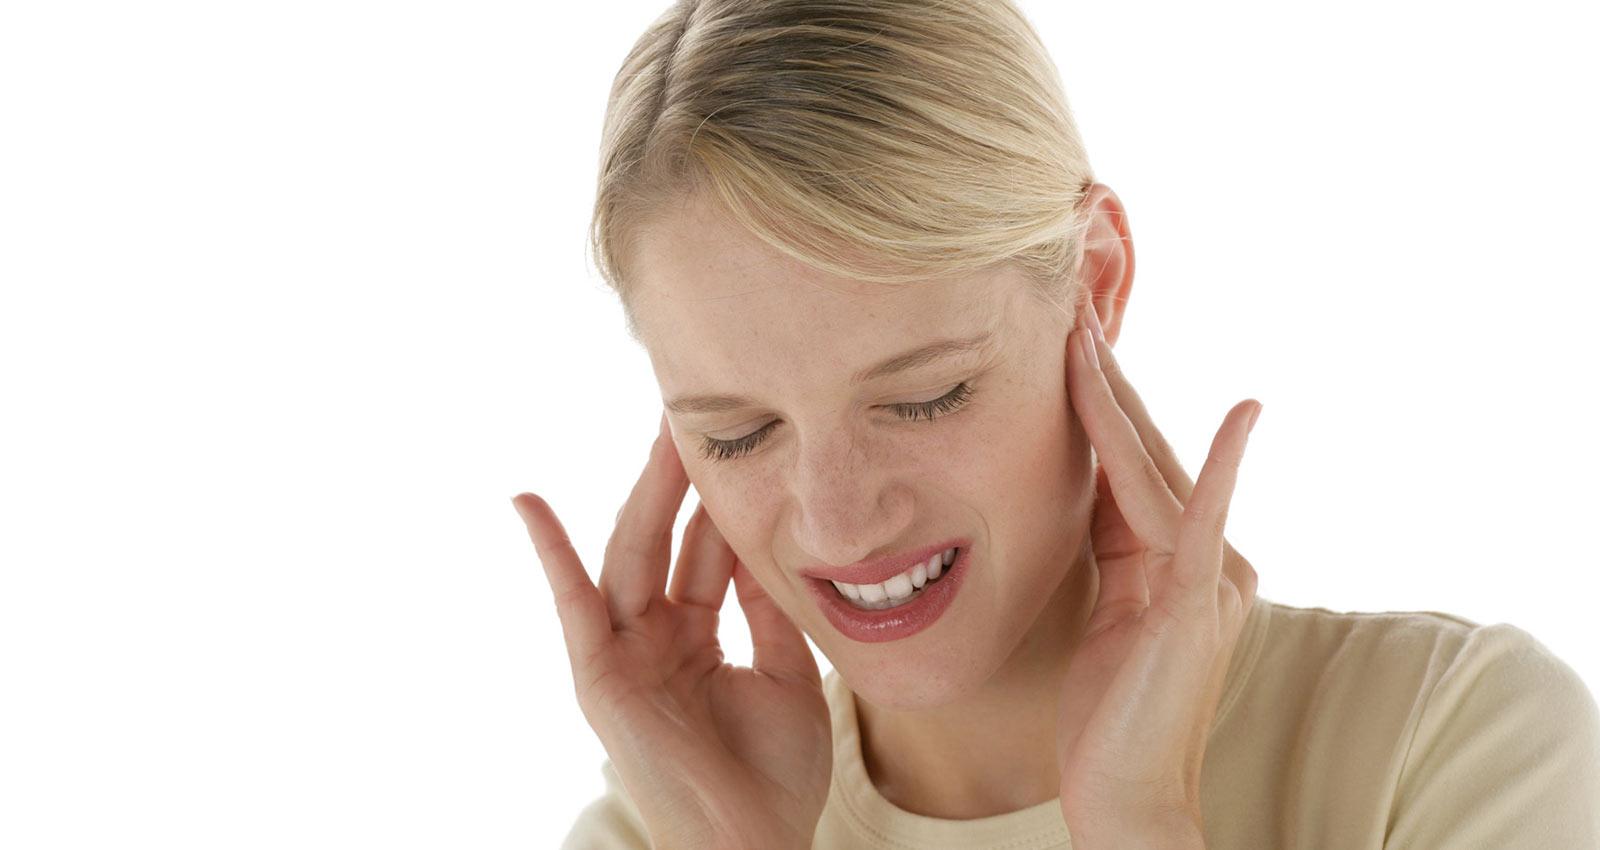 Kopfschmerzen durch falschen Biss?